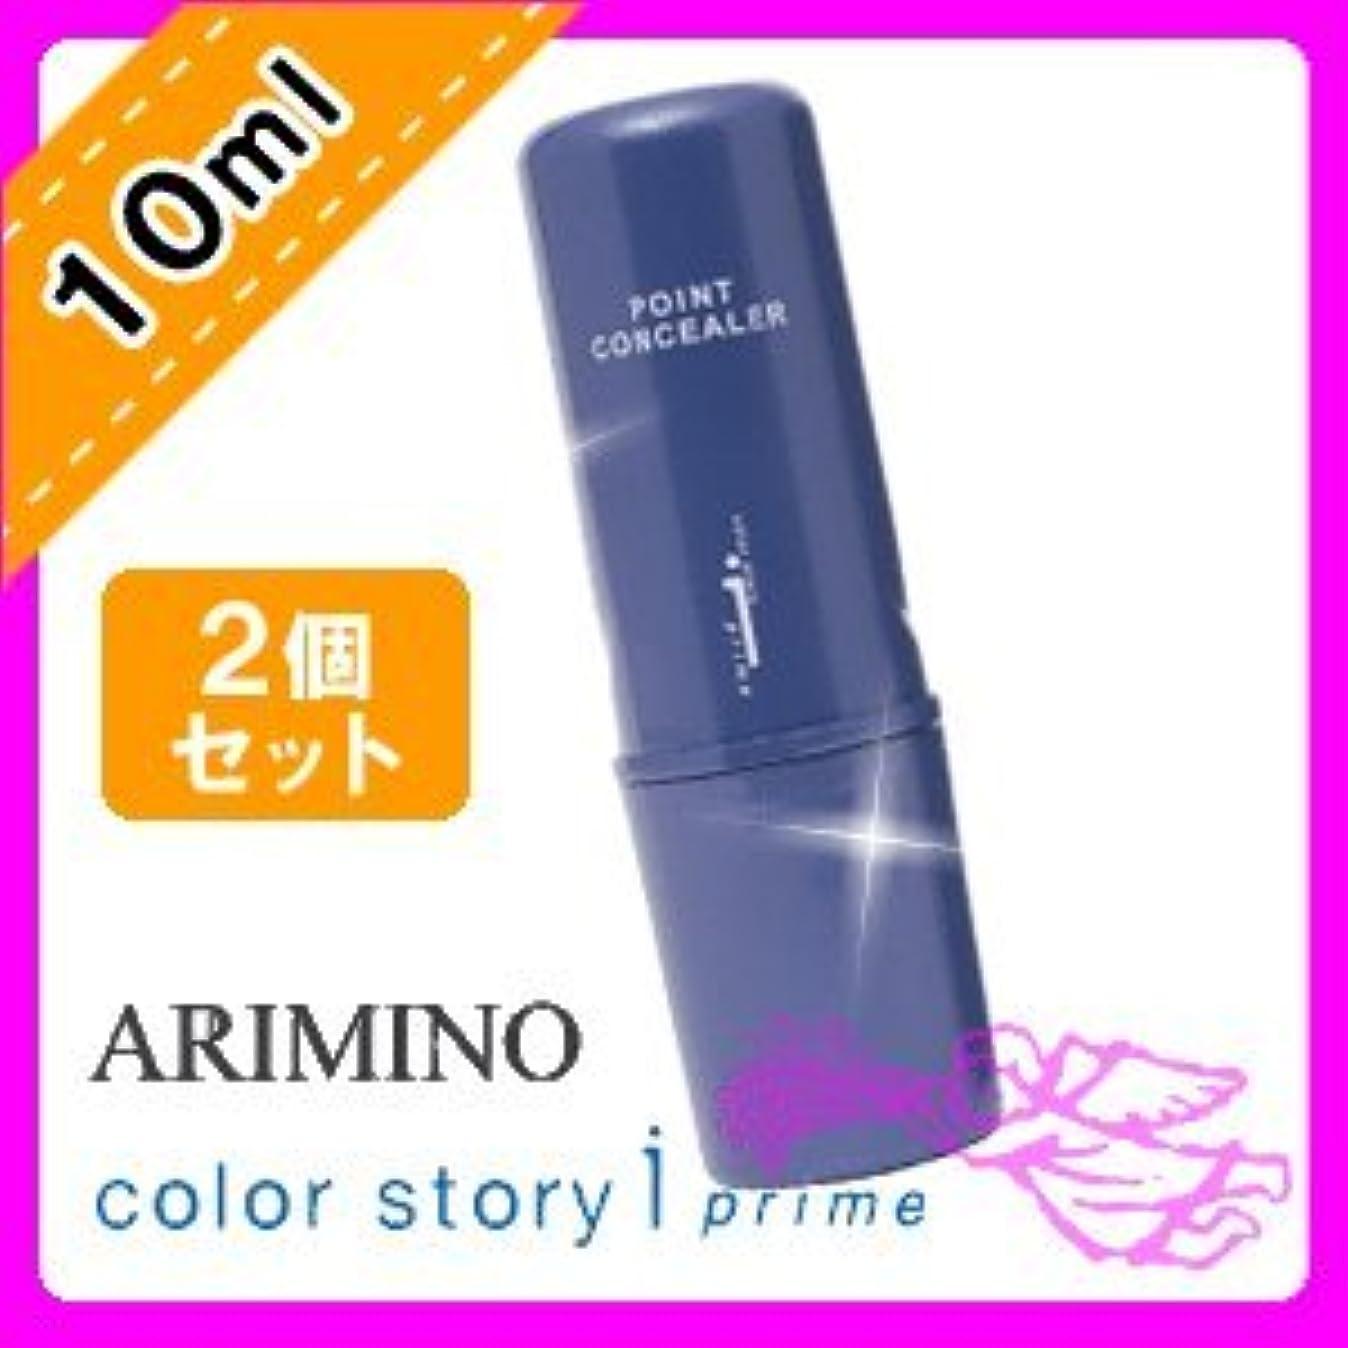 着替える実際の仮定アリミノ カラーストーリーiプライム ポイントコンシーラー ライト 10ml ×2個 セット